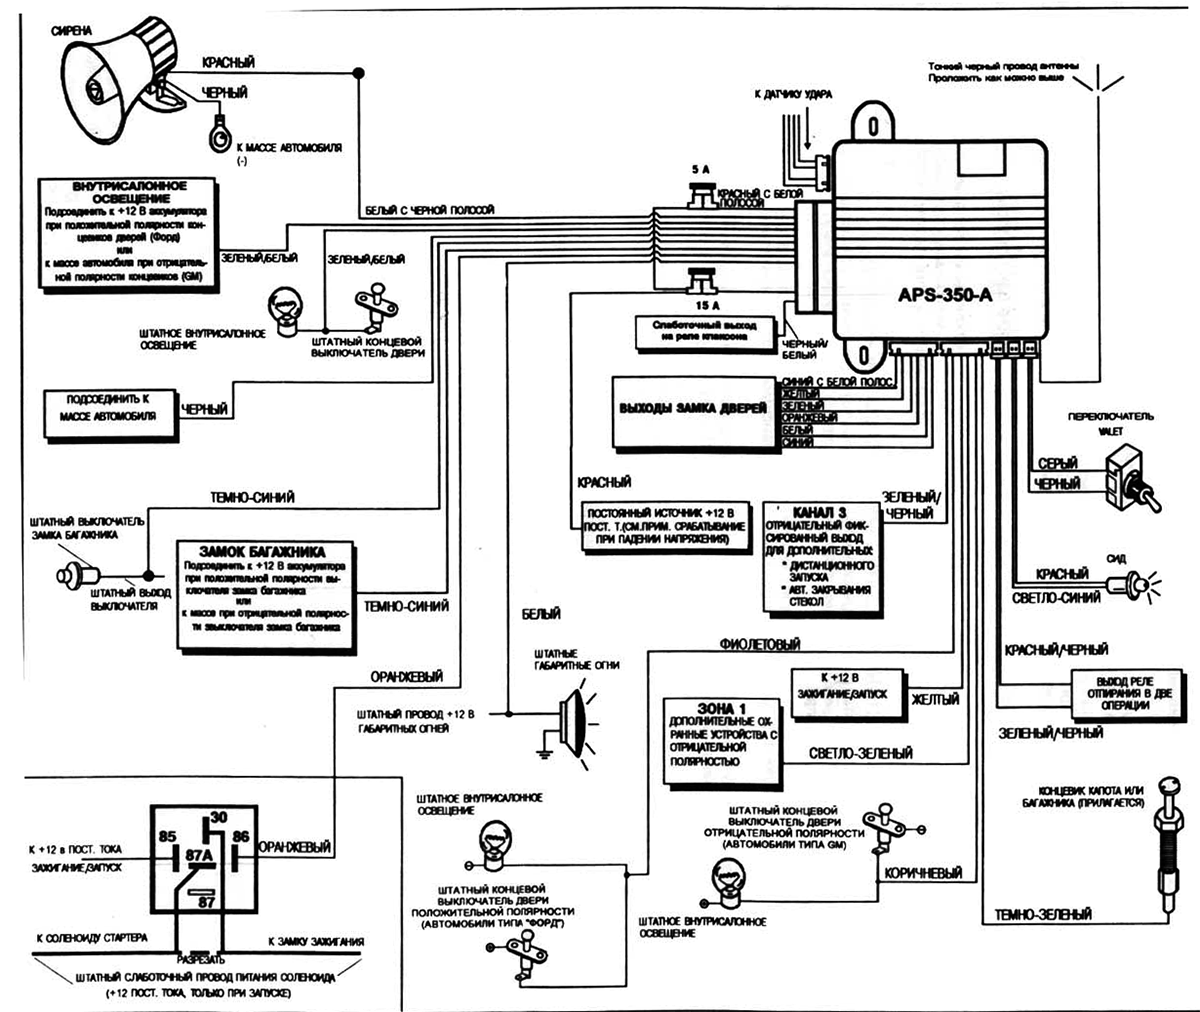 автомобильная сигнализация Prestige 350a - схема подключения